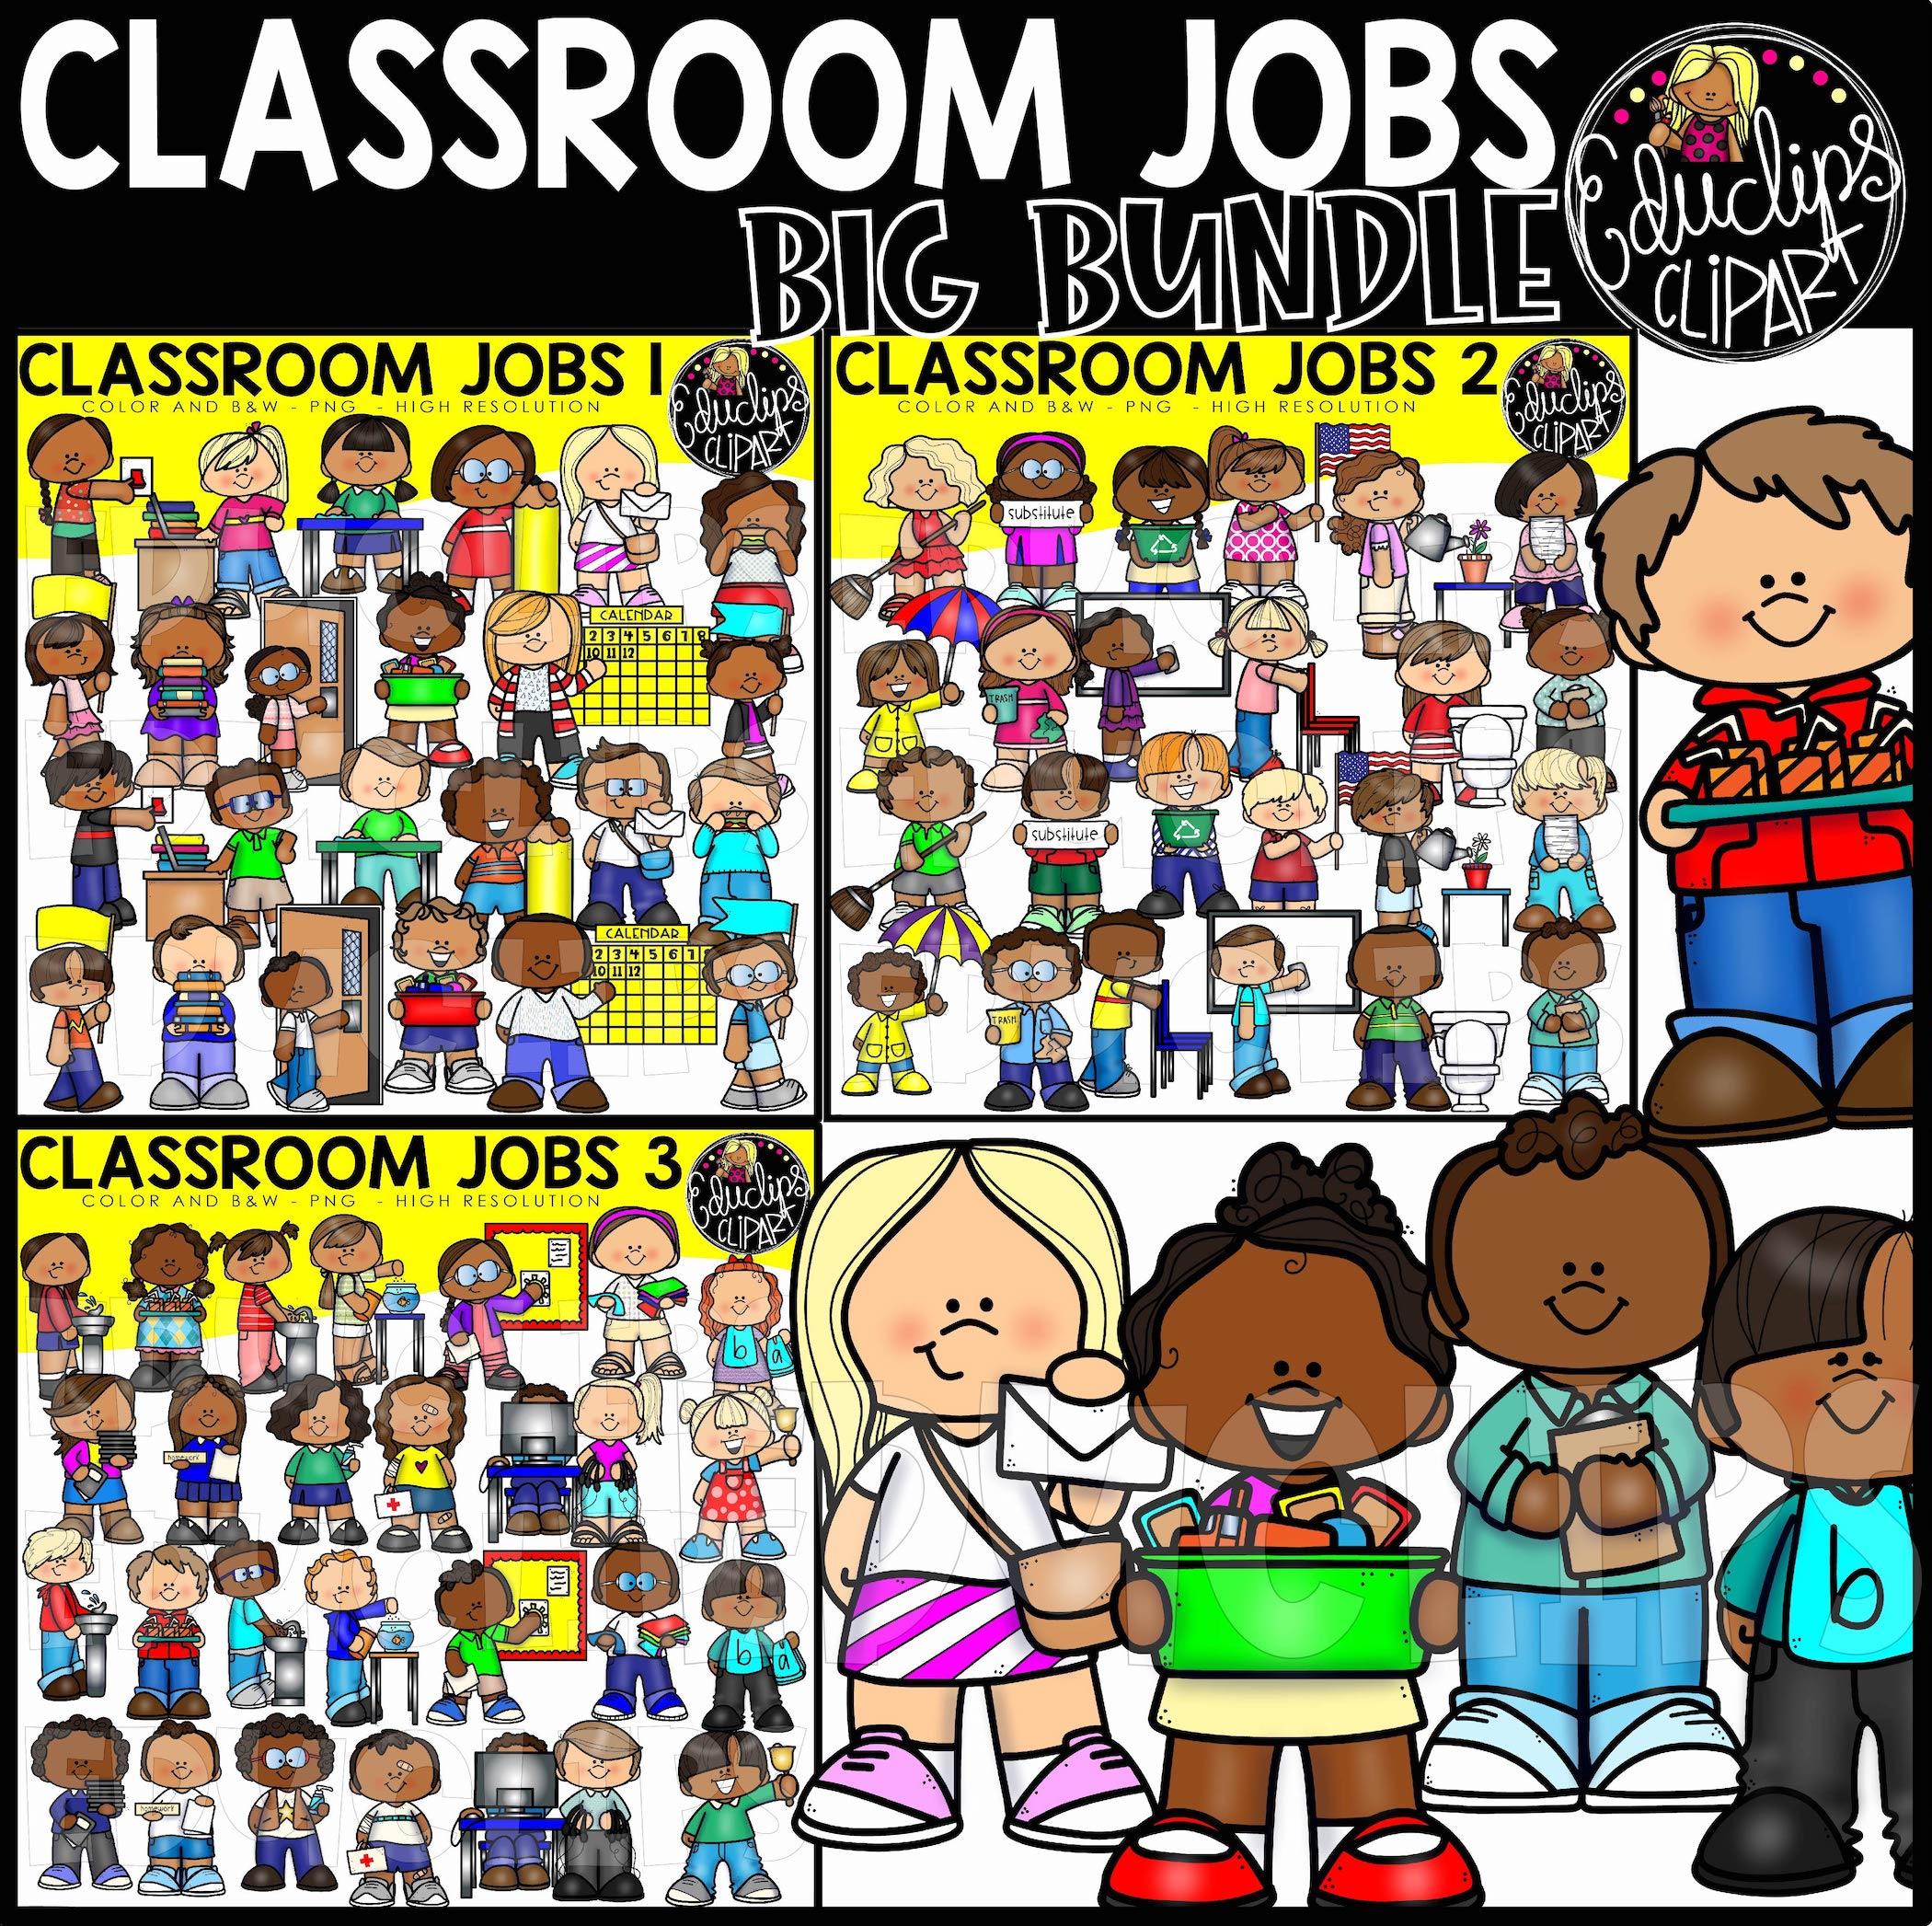 Classroom Jobs Clip Art Big Bundle (Color and B&W).